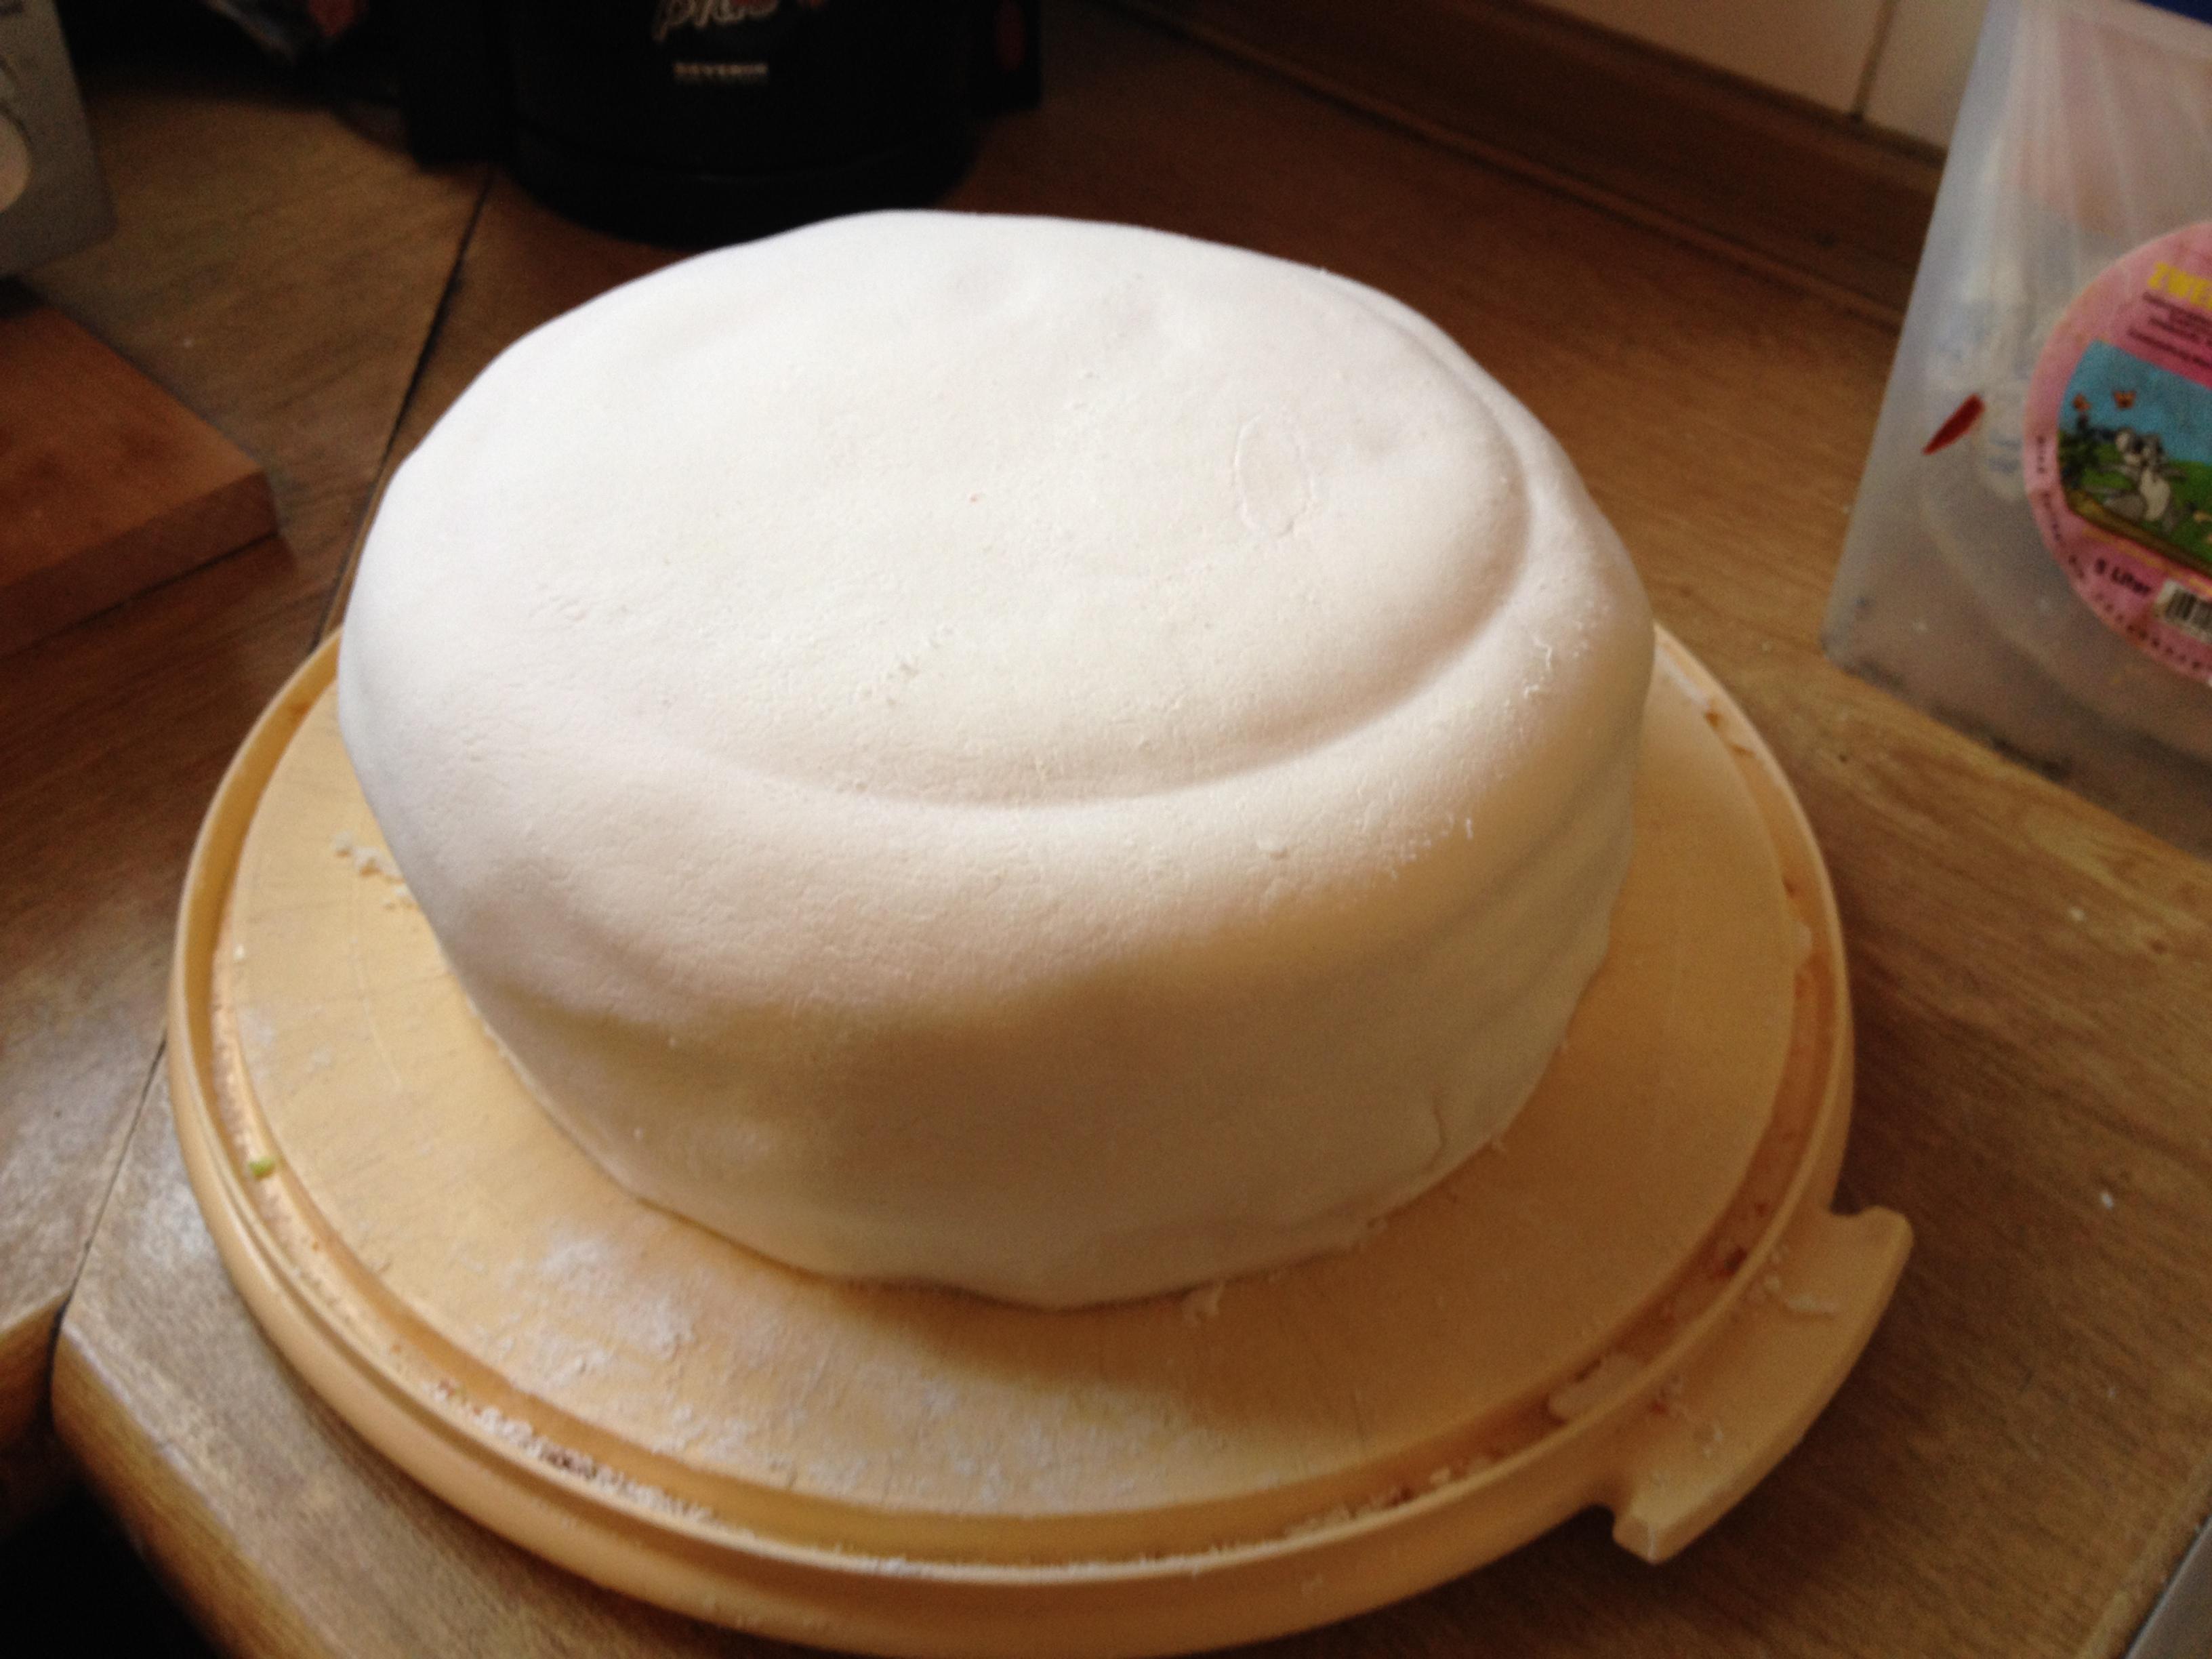 Alex 39 welt blog archive regenbogenkuchen for Kuchenteile einzeln